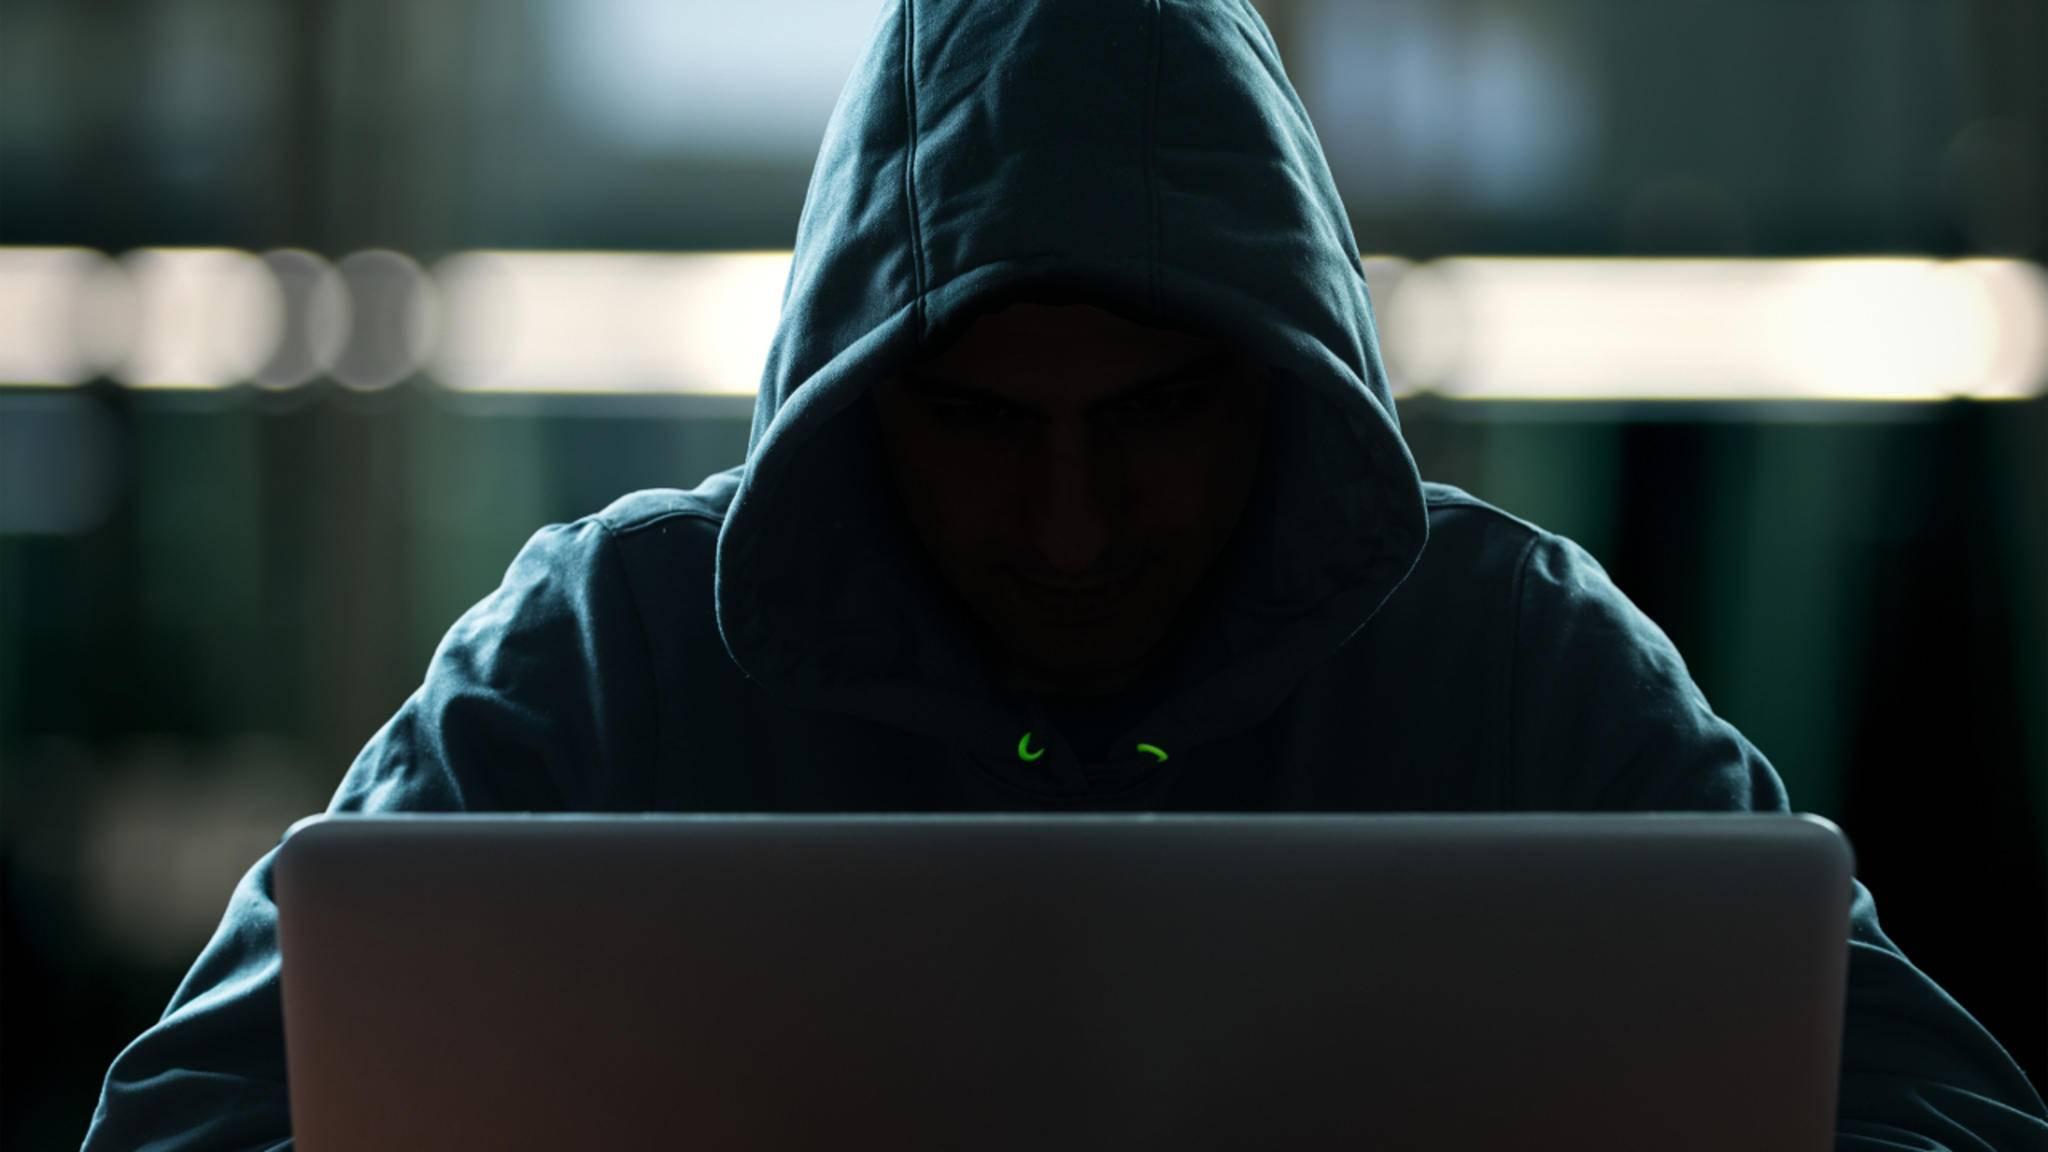 Beim Doxxing werden Deine private Daten gegen Deinen Willen im Internet veröffentlicht – oftmals mit böser Absicht.